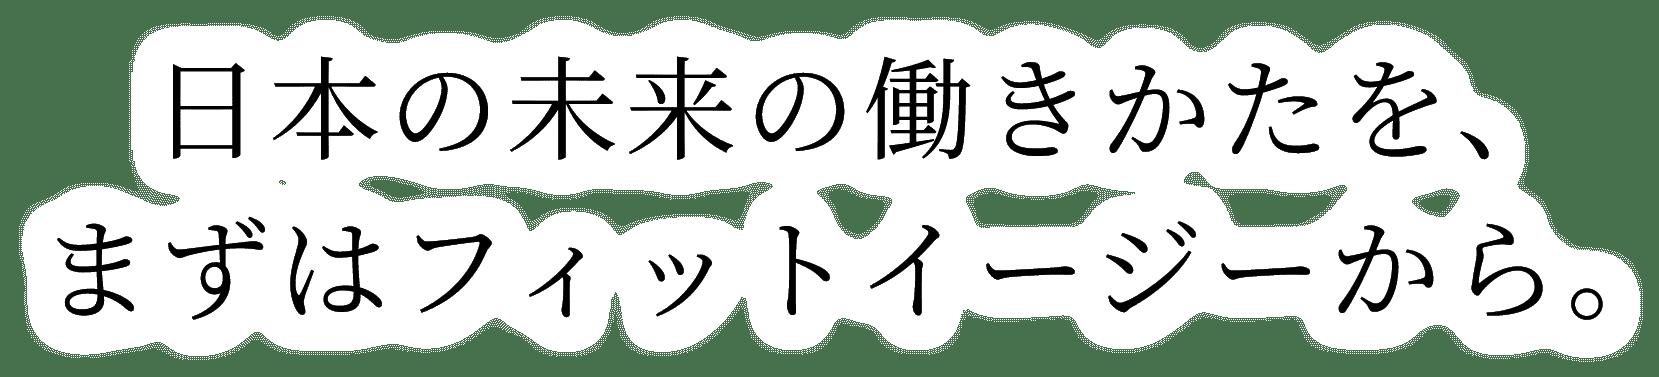 日本の未来の働き方を、まずはフィットイージーから。